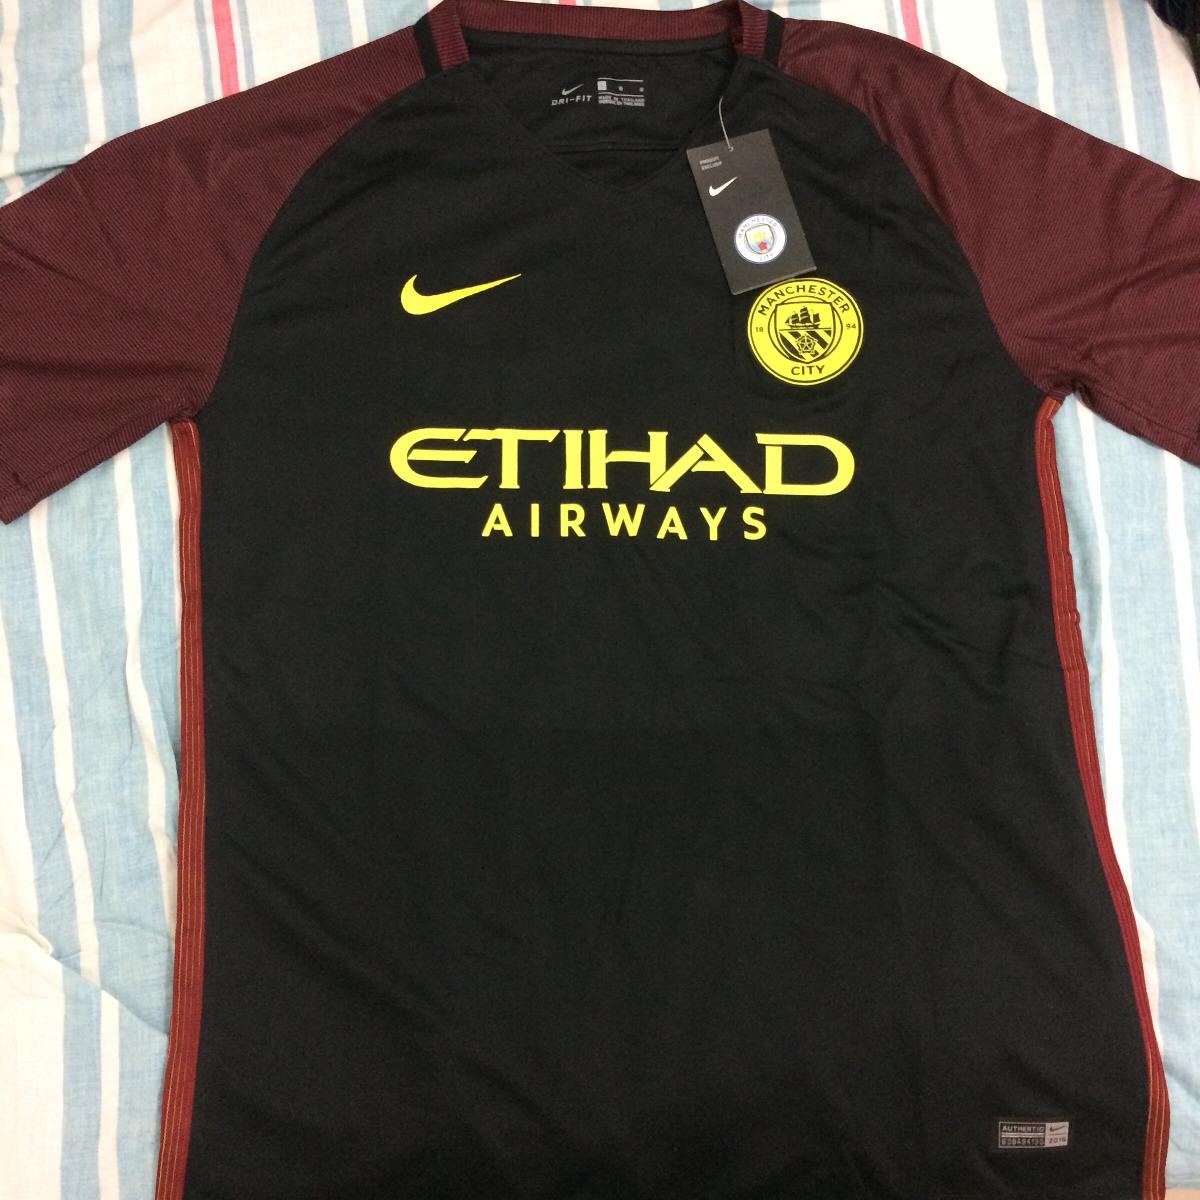 97cfb41ab7757 Camisa Nike Manchester City 16 17 - Sem Personalização - R  149